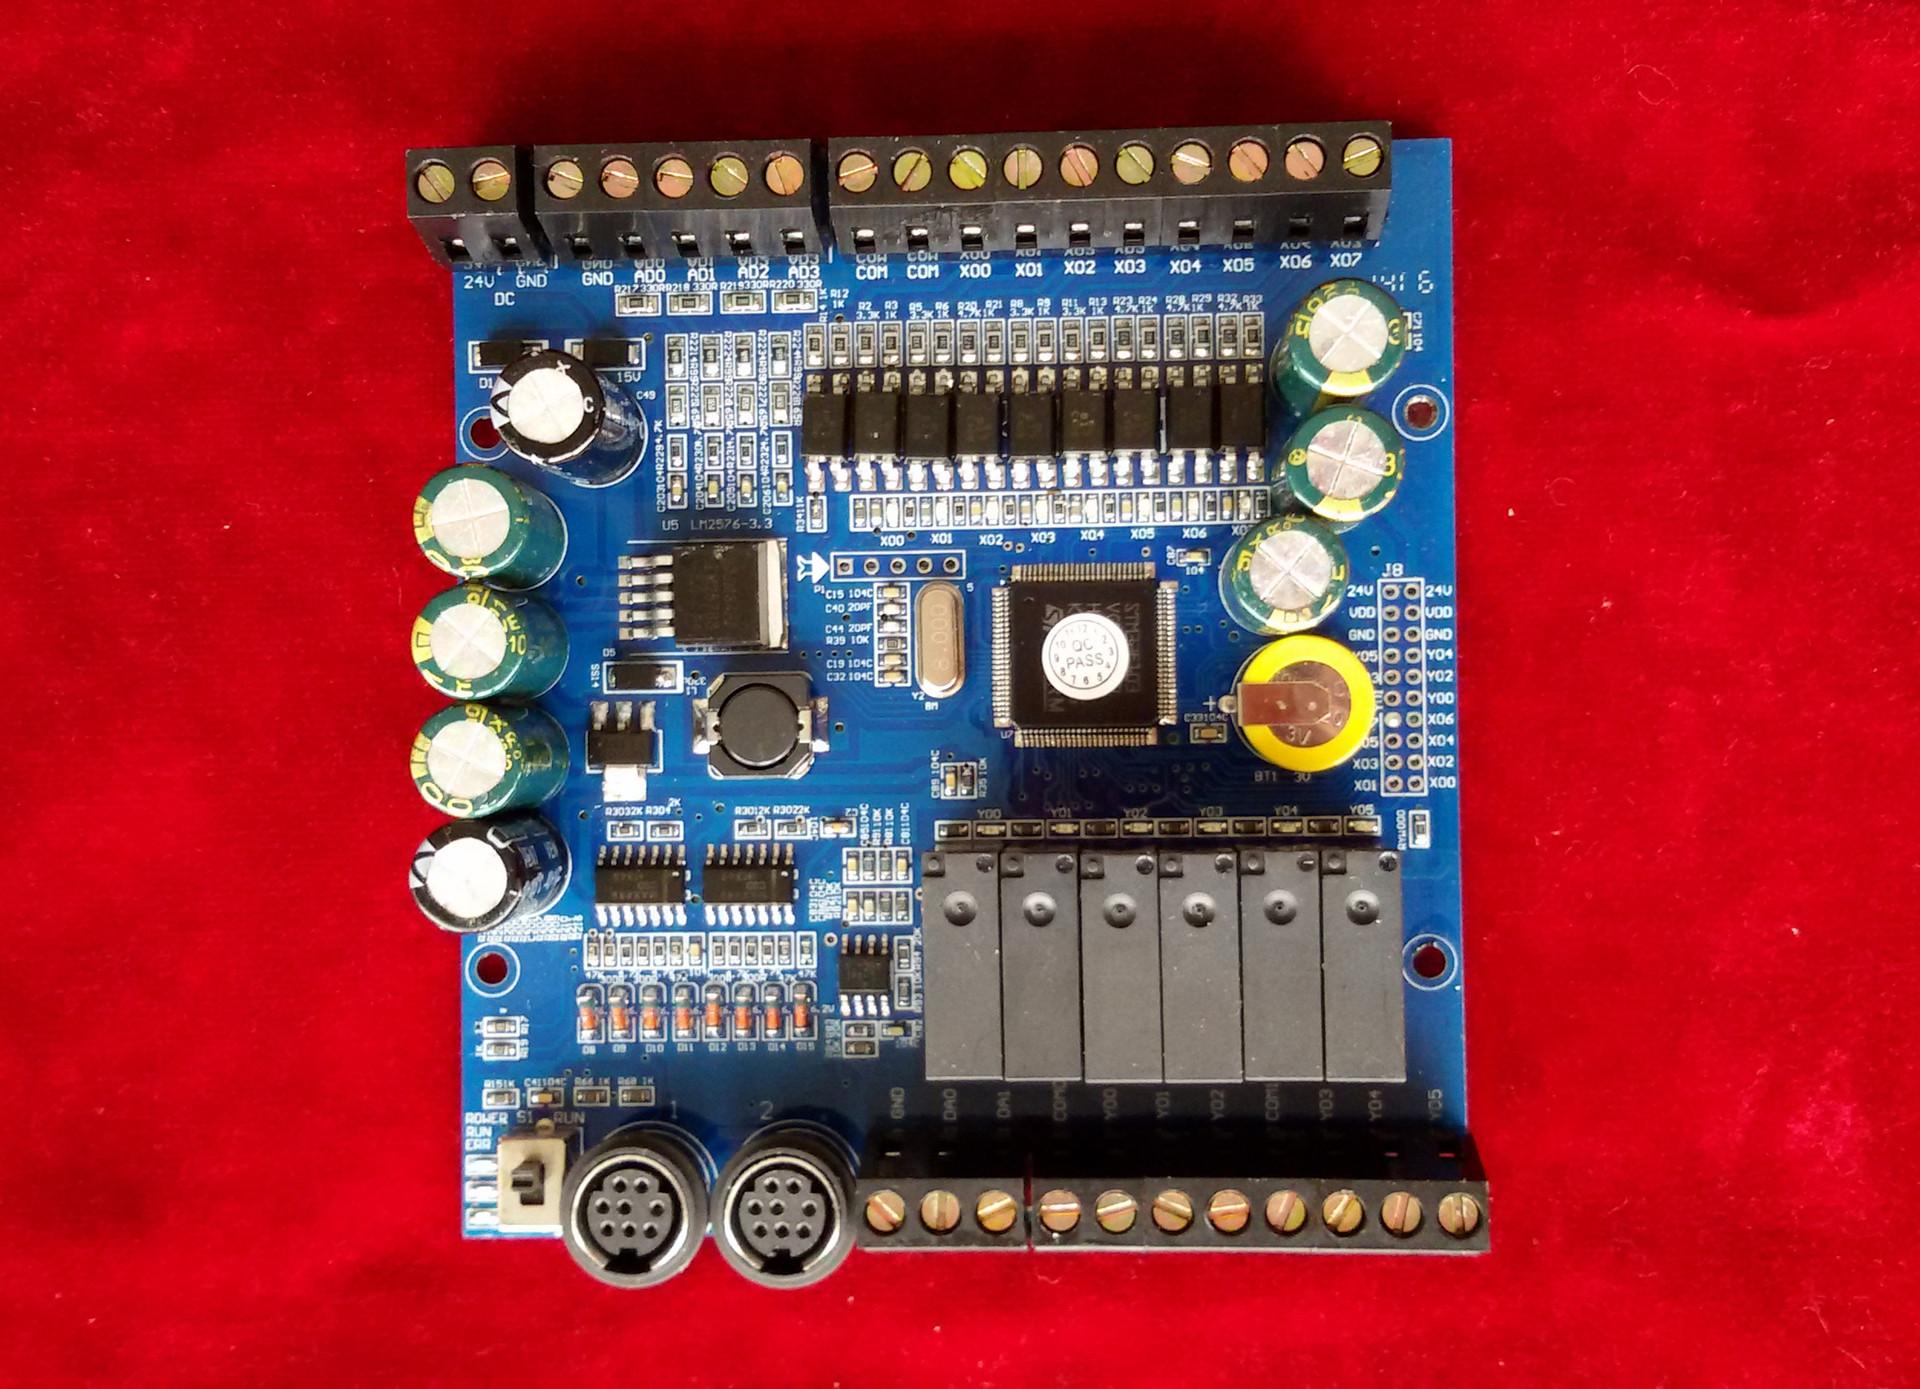 Bảng điều khiển điện công nghiệp FX1N-14MR-4AD2DA-GC